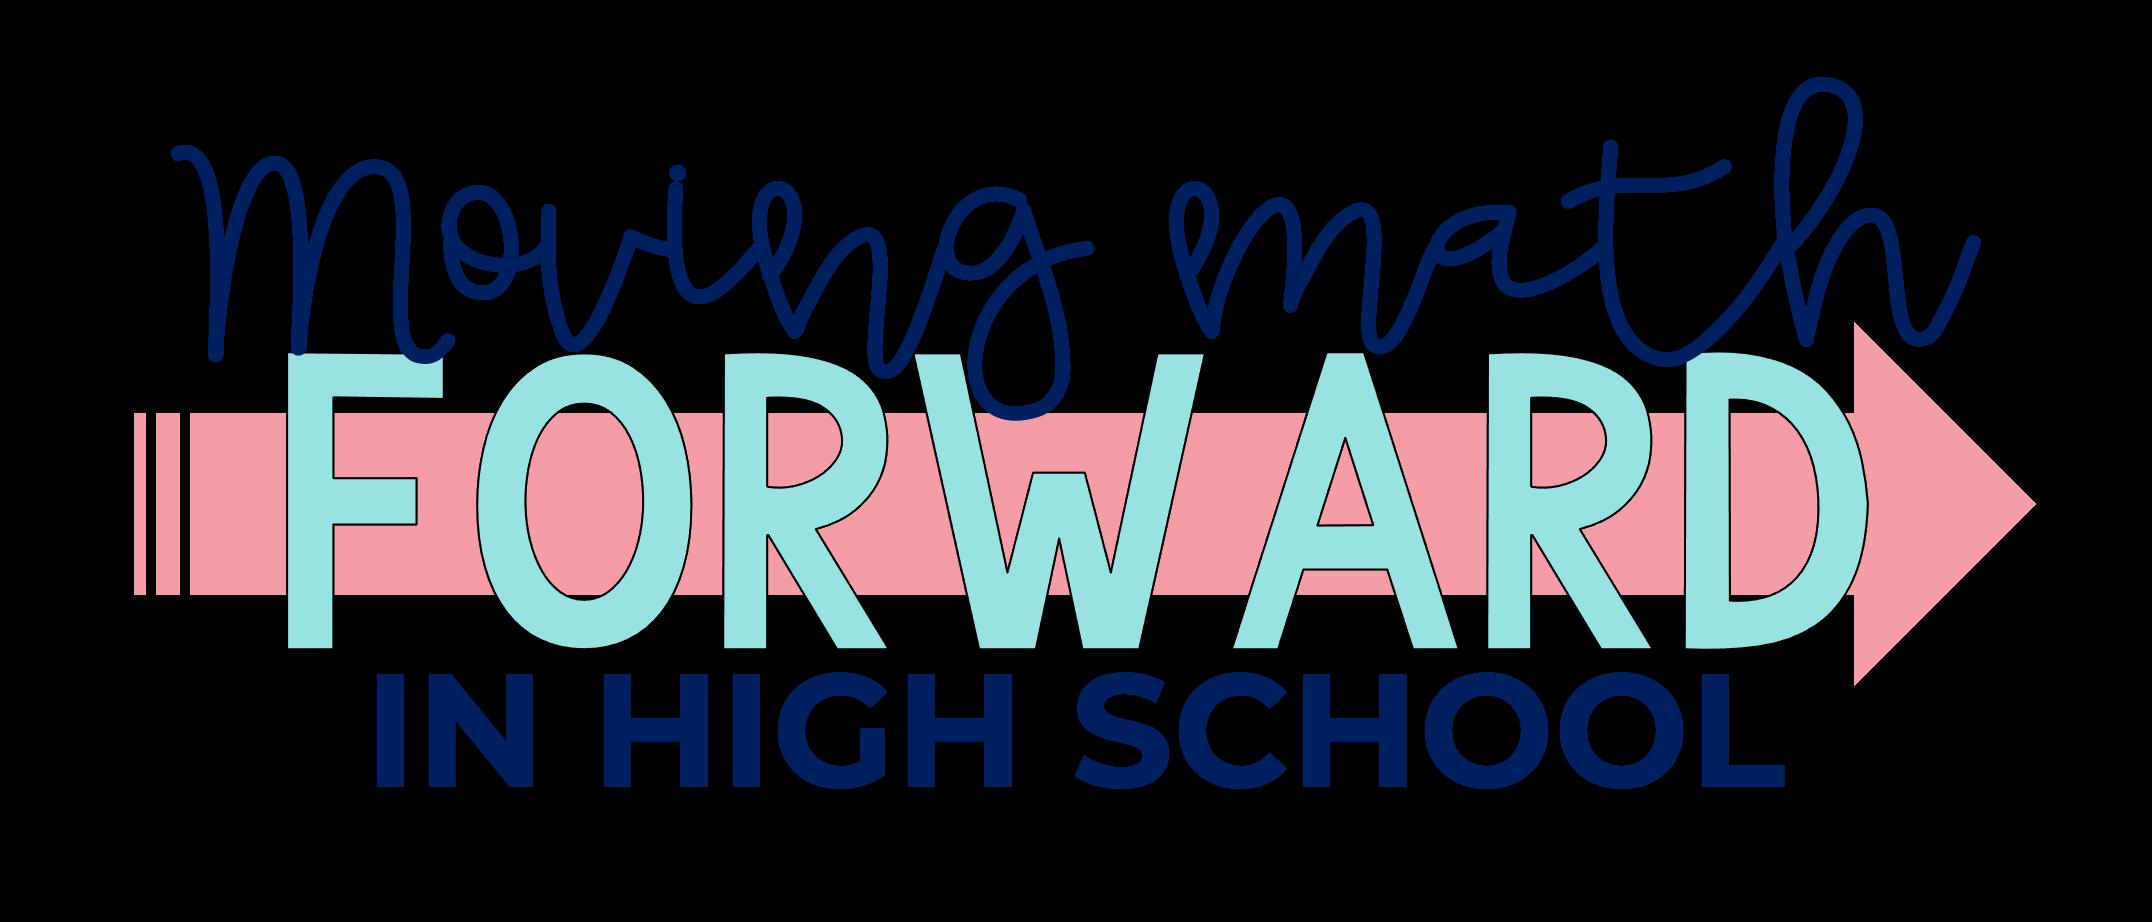 Moving Math Forward in High School by Moving Math Forward